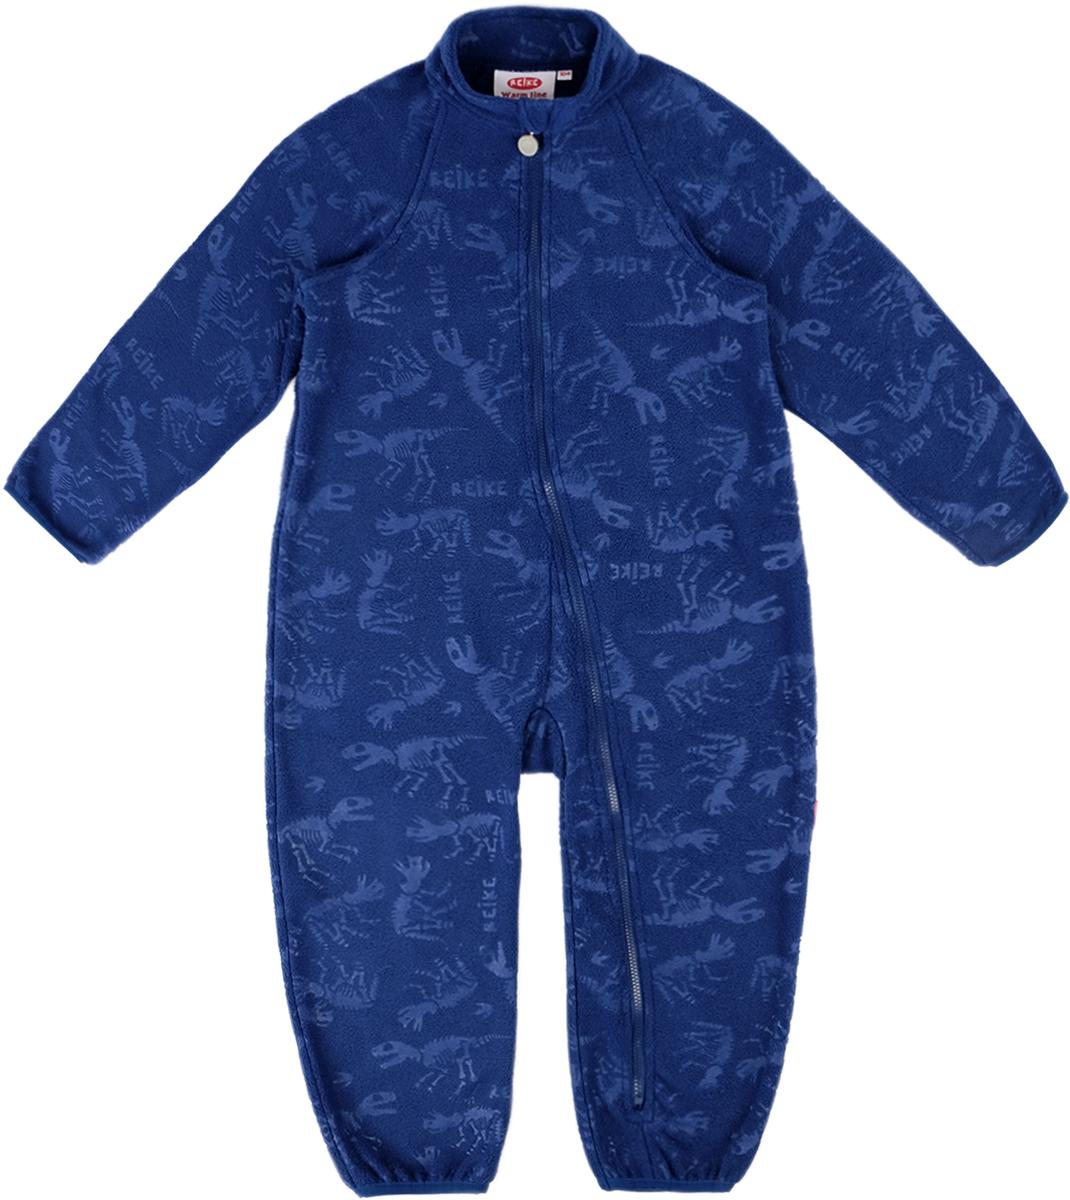 Комбинезон утепленный детский флисовый Reike, цвет: синий. WL-15_navy. Размер 80WL-15_navy